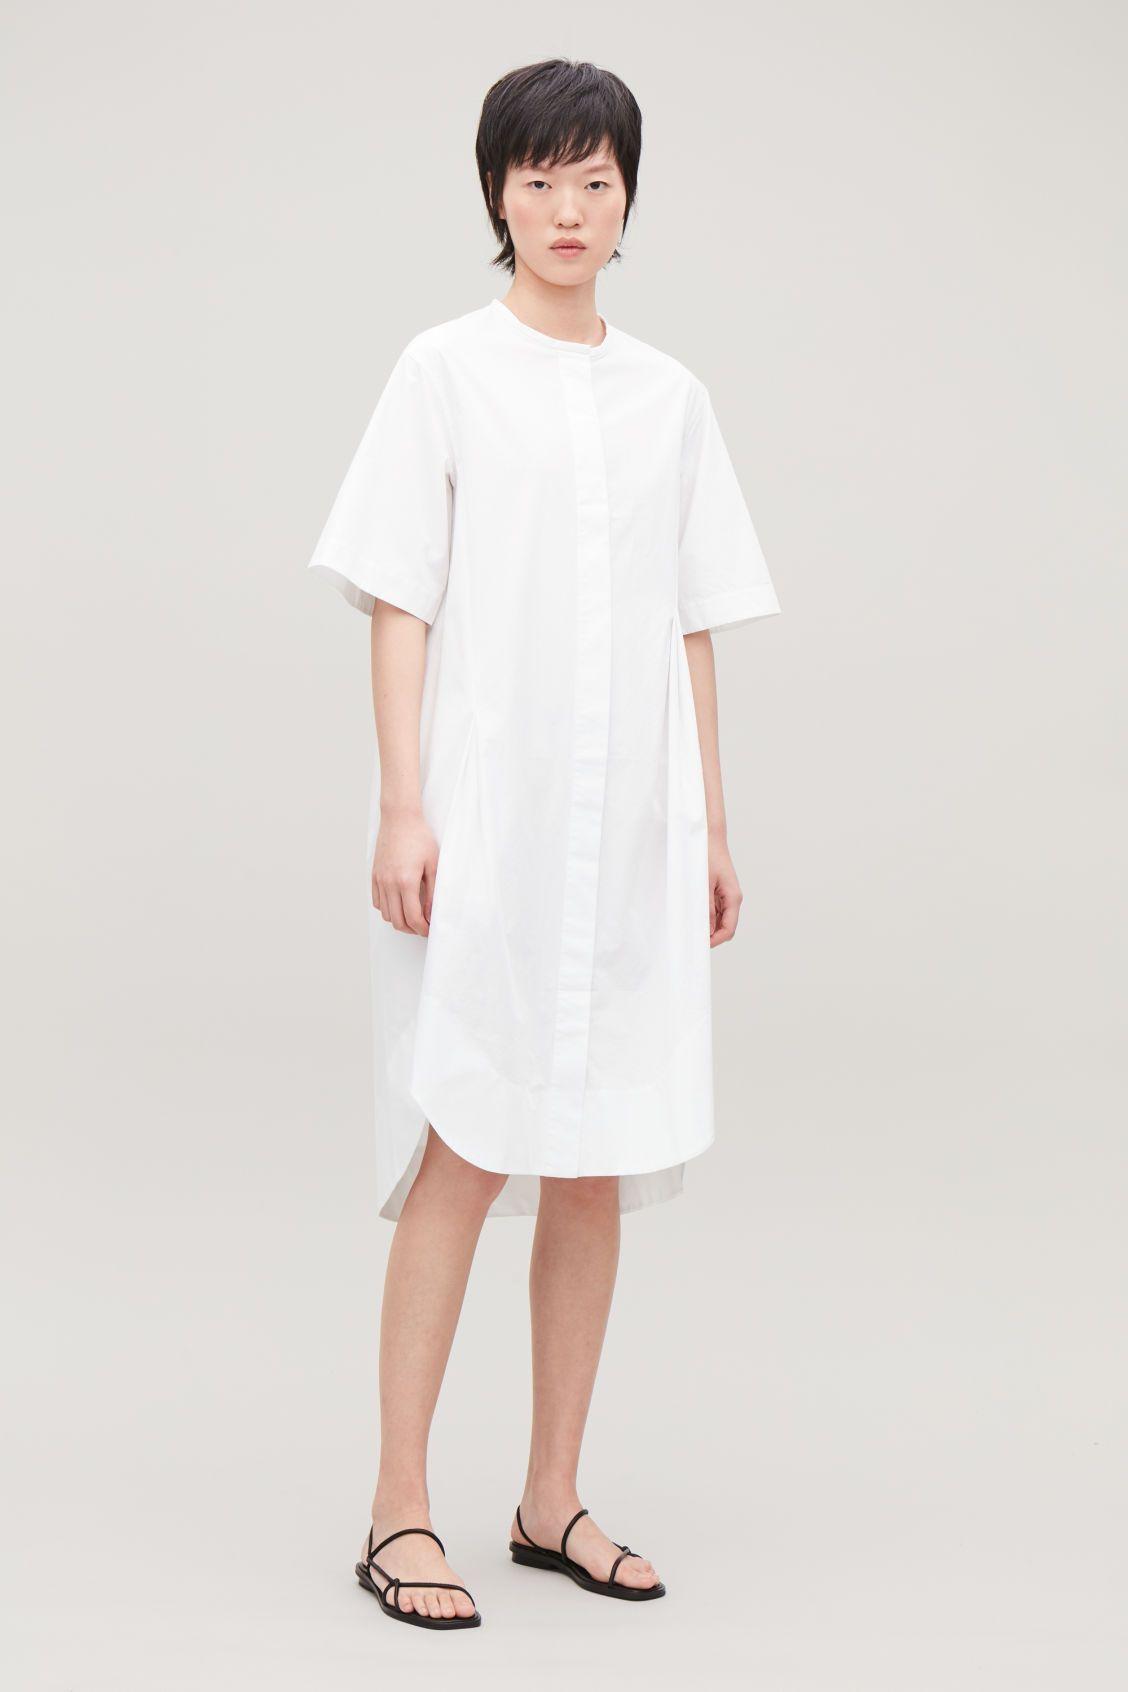 Productpage | White tshirt dress, Shirt dress, Grandad shirts